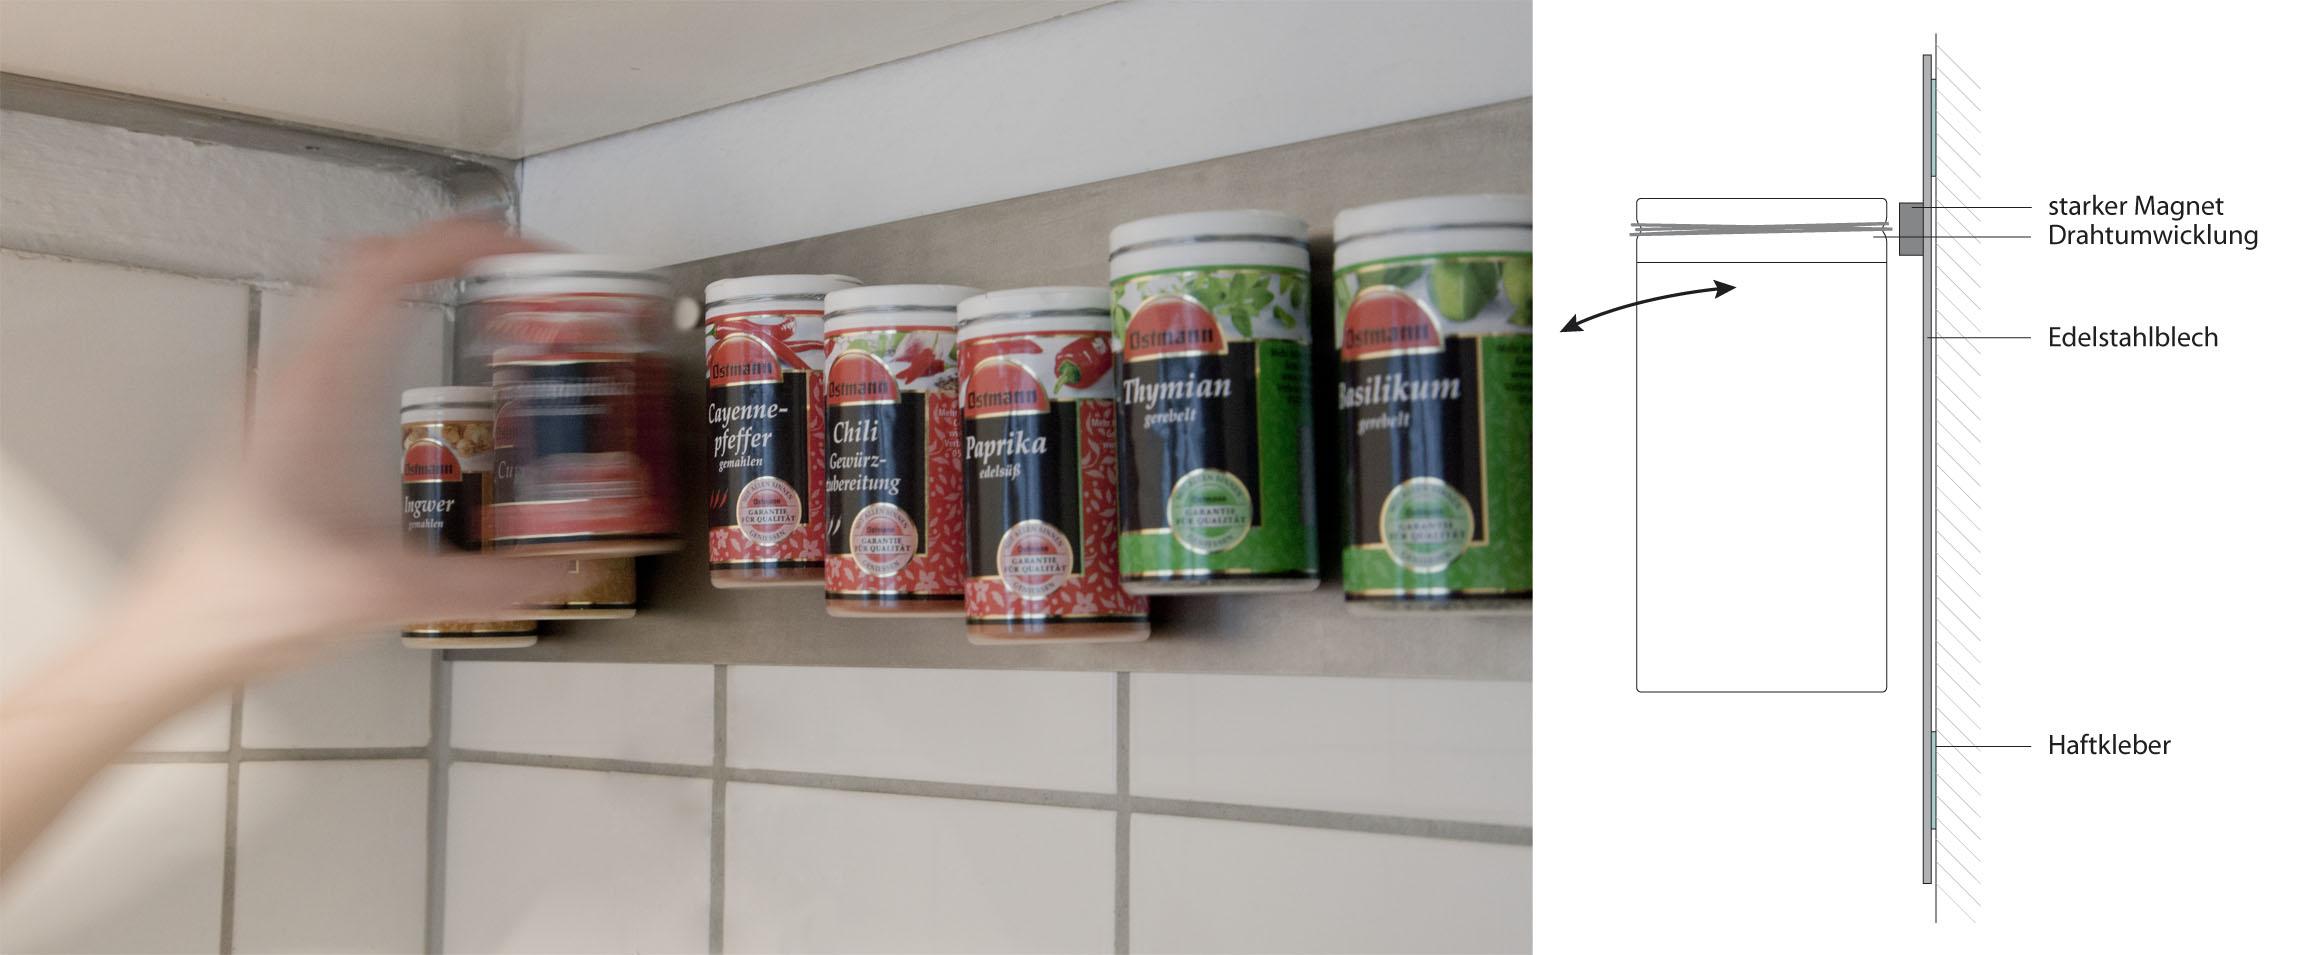 design73-ralf-winklmeier-magentischer-gewürzdosenhalter